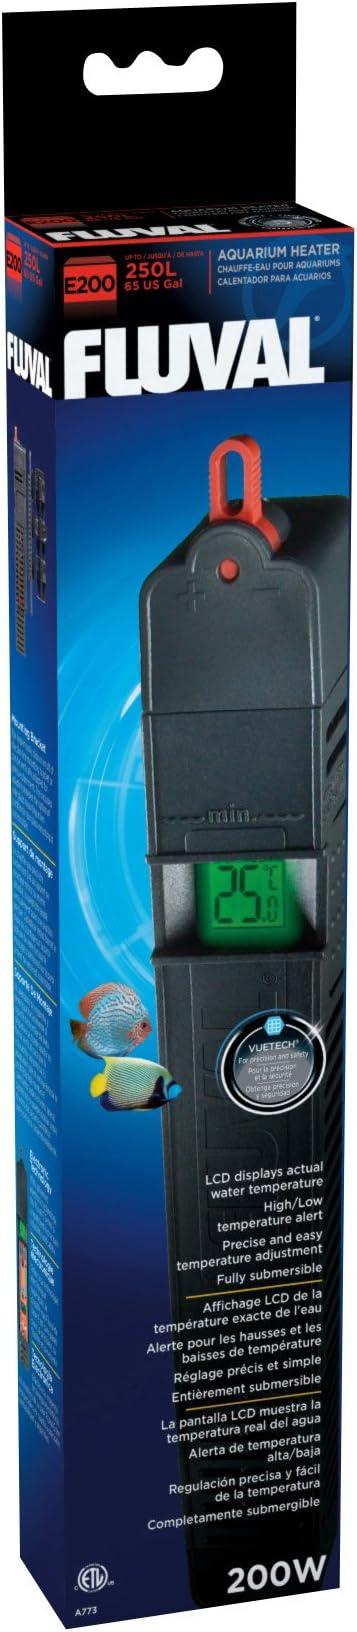 Calentador de 100 W para Acuario L Askoll Aa230003